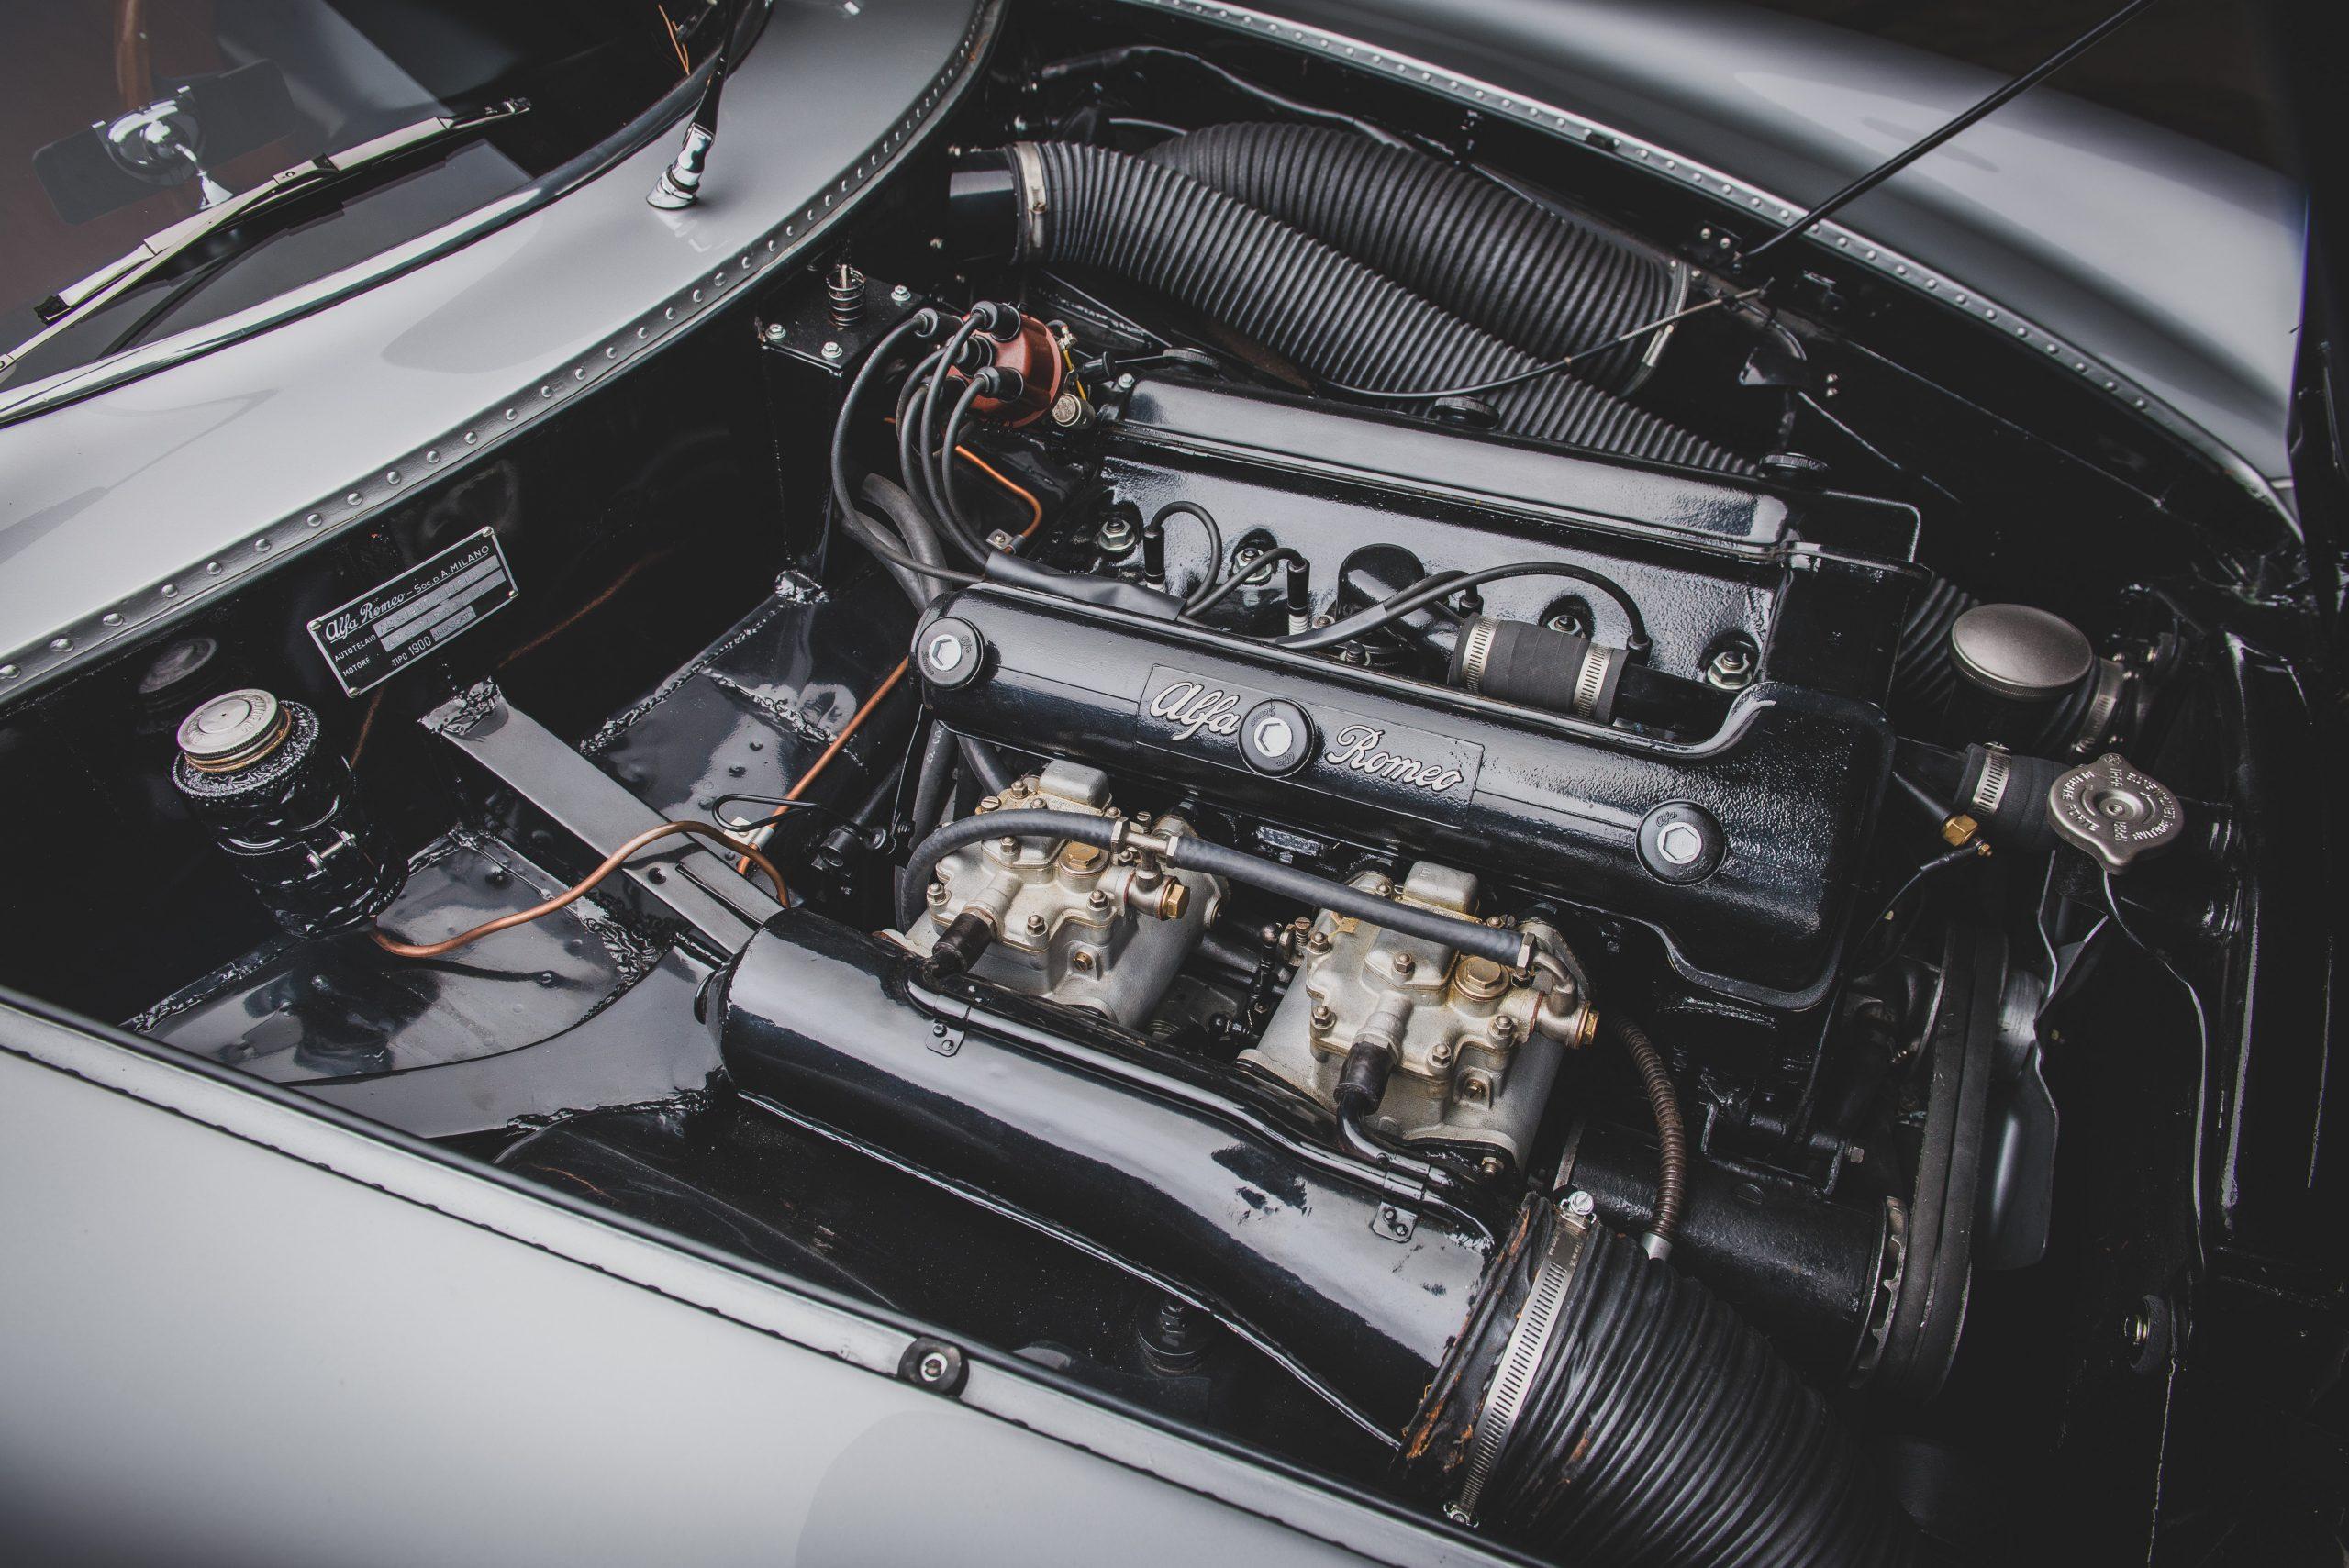 Alfa Romeo Berlina Aerodinamica Tecnica engine